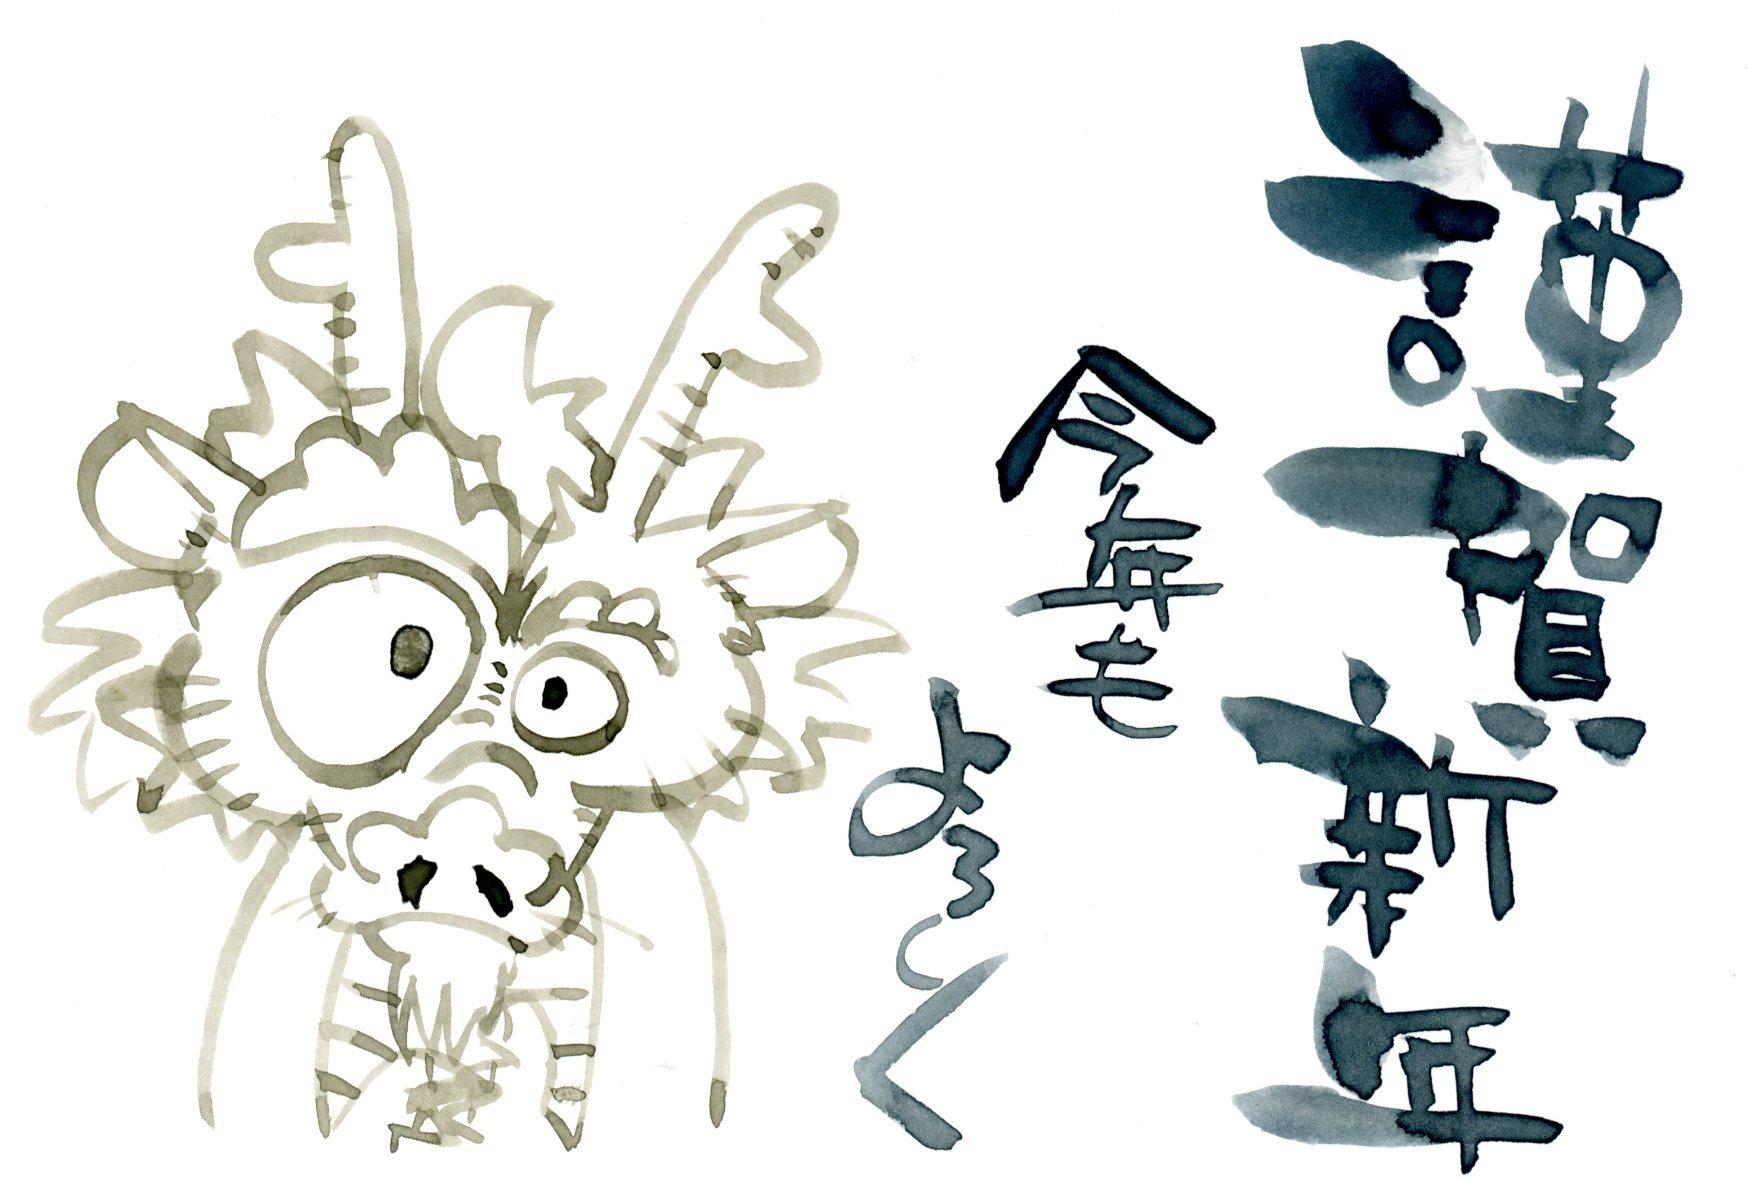 龍のイラストと謹賀新年 筆文字年賀状素材 - 筆文字の年賀状賀詞素材「筆